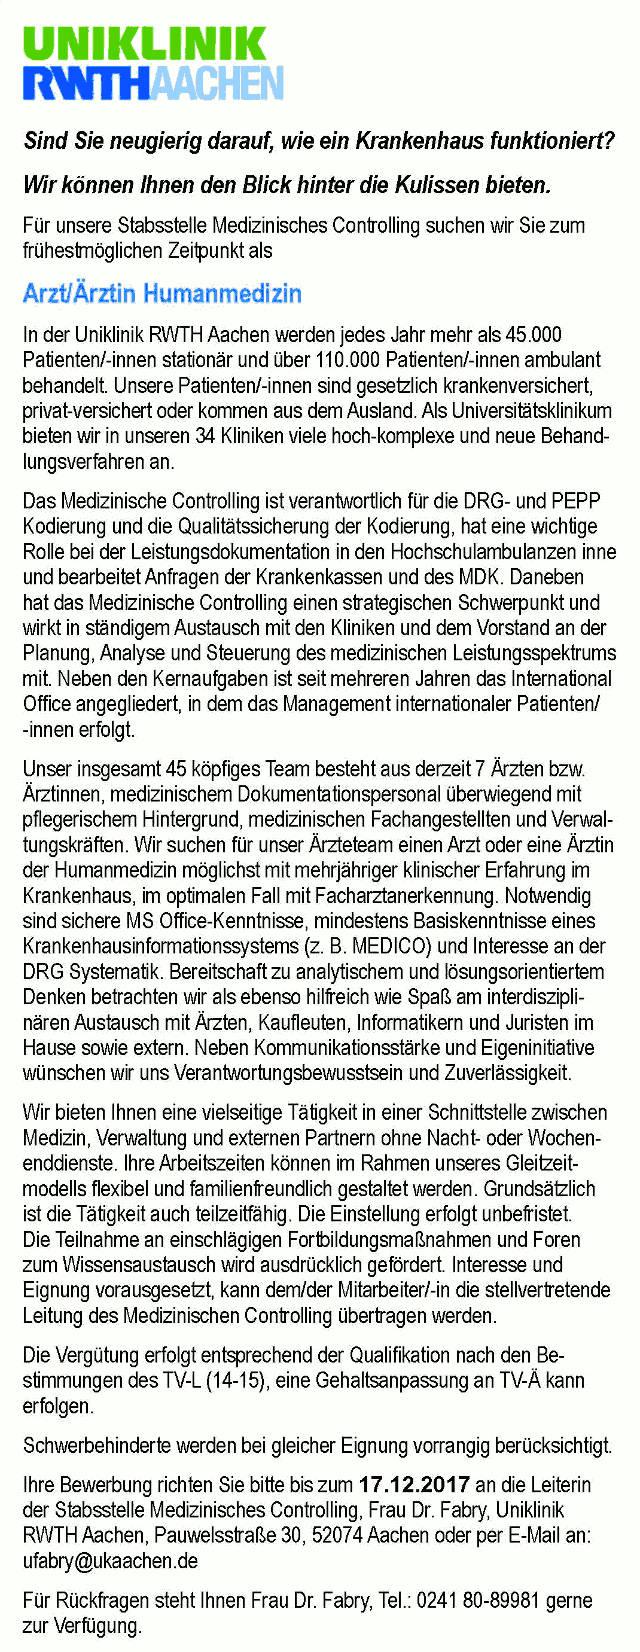 Uniklinik RWTH Aachen: Arzt Humanmedizin (m/w)